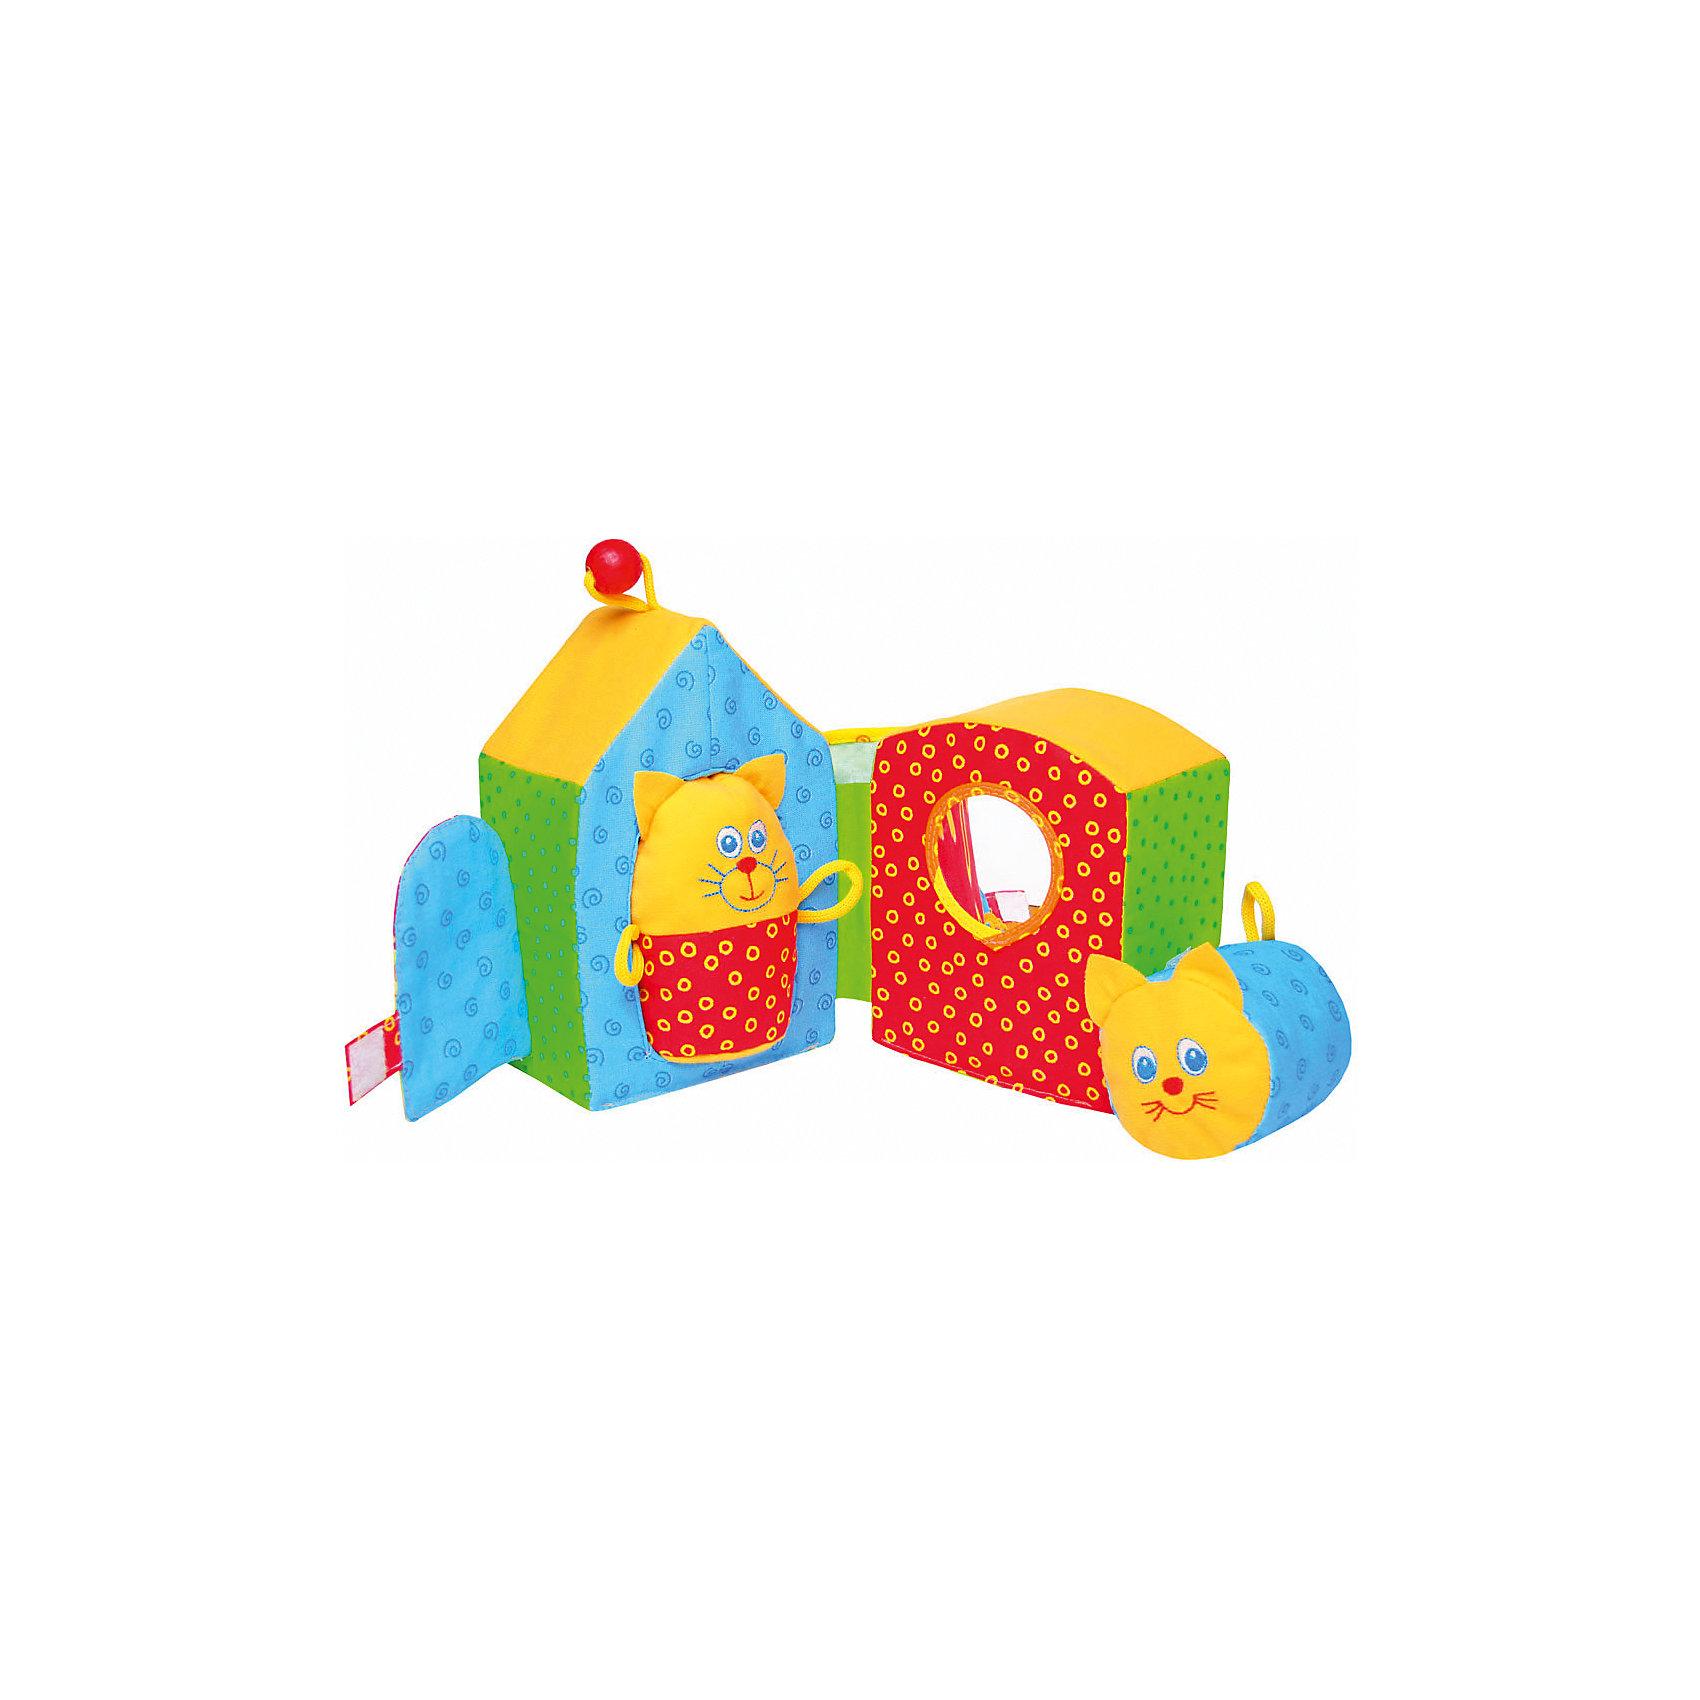 Игрушка Кошкин Дом, МякишиМягкие игрушки<br>Игрушка Кошкин Дом, Мякиши - забавная развивающая игрушка, которая обязательно привлечет внимание Вашего малыша. Игрушка выполнена в виде красочного мягкого домика с симпатичными обитателями - Кошкой и Котиком. Домик раскладывается на две половинки с отверстиями в которые так интересно вставлять и вытаскивать забавные фигурки. Исследуя домик малыш обнаружит интересные детали - безопасное мягкое зеркальце, кармашек, в который можно засунуть котенка, дверцу на липучке. Вместе с ребенком Вы сможете разыграть целое театральное представление о кошках, живущих в домике. Игрушка очень мягкая и приятная на ощупь, изготовлена из гипоаллергенных материалов. Способствует развитию логического мышления, тактильного, слухового и цветовосприятия, тренирует мелкую моторику.<br><br>Дополнительная информация:<br><br>- Комплект: мягкий домик, 2 мягкие фигурки с погремушкой и пищалкой.<br>- Материал: 100% х/б ткань, трикотаж, звуковые элементы, поролон, холлофайбер, шнурок, деревянный шарик.<br>- Размер домика: 18 х 16 х 13 см.<br>- Вес: 150 гр.<br><br>Игрушку Кошкин Дом, Мякиши, можно купить в нашем интернет-магазине.<br><br>Ширина мм: 180<br>Глубина мм: 160<br>Высота мм: 130<br>Вес г: 150<br>Возраст от месяцев: 12<br>Возраст до месяцев: 36<br>Пол: Унисекс<br>Возраст: Детский<br>SKU: 4424941